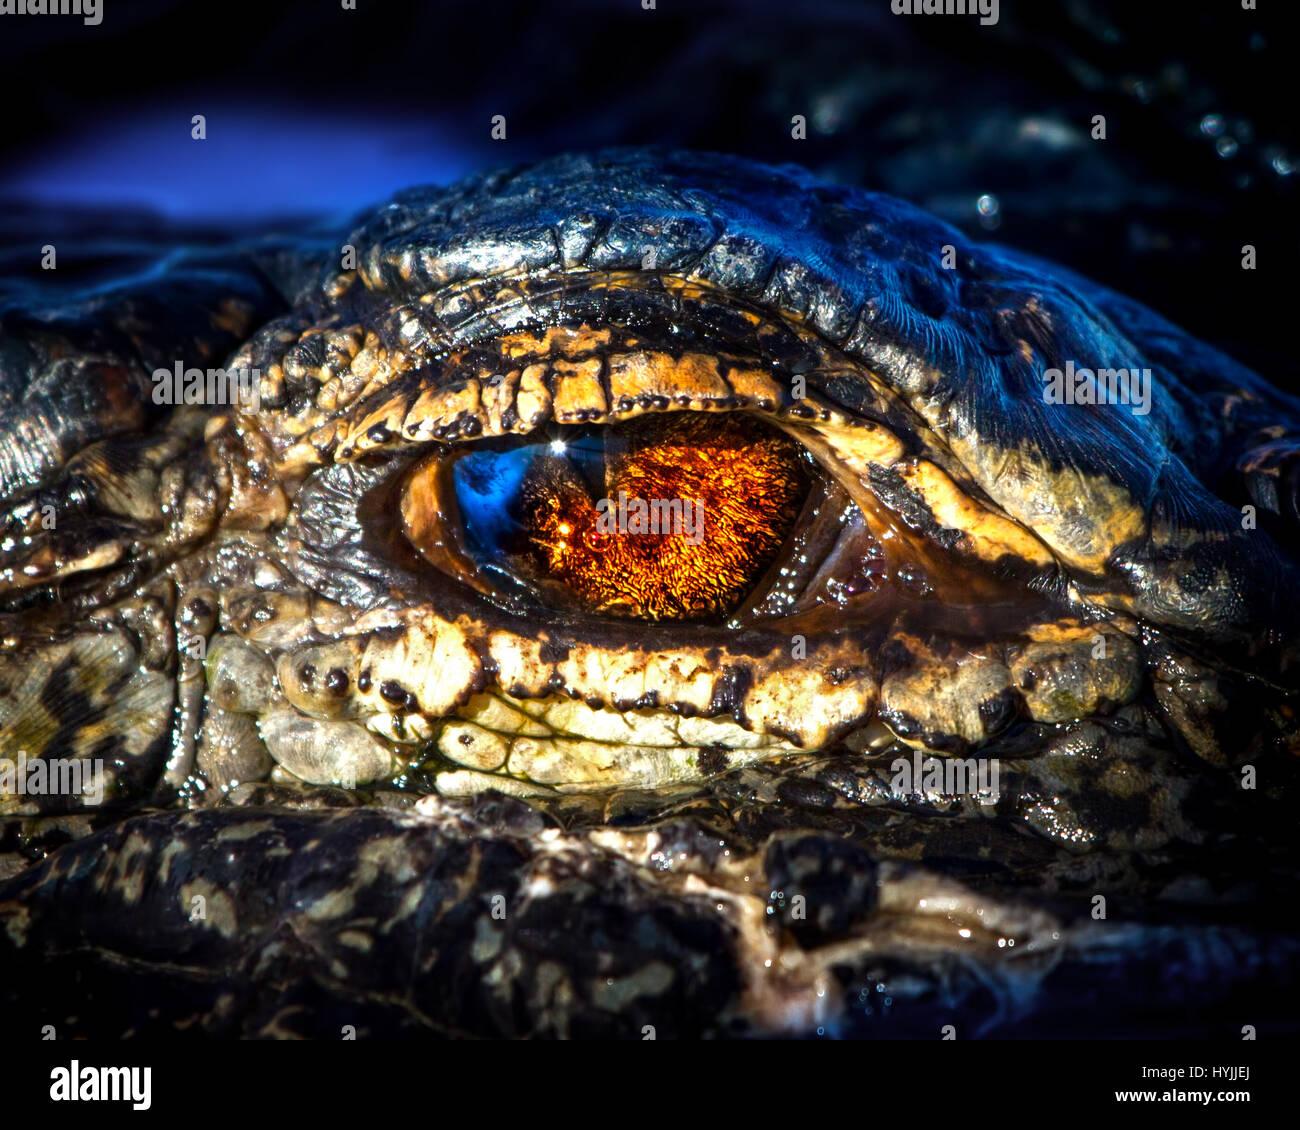 Un primer plano de un cocodrilo americano en los Everglades de Florida con reflejos del sol y el cielo en sus ojos. Imagen De Stock